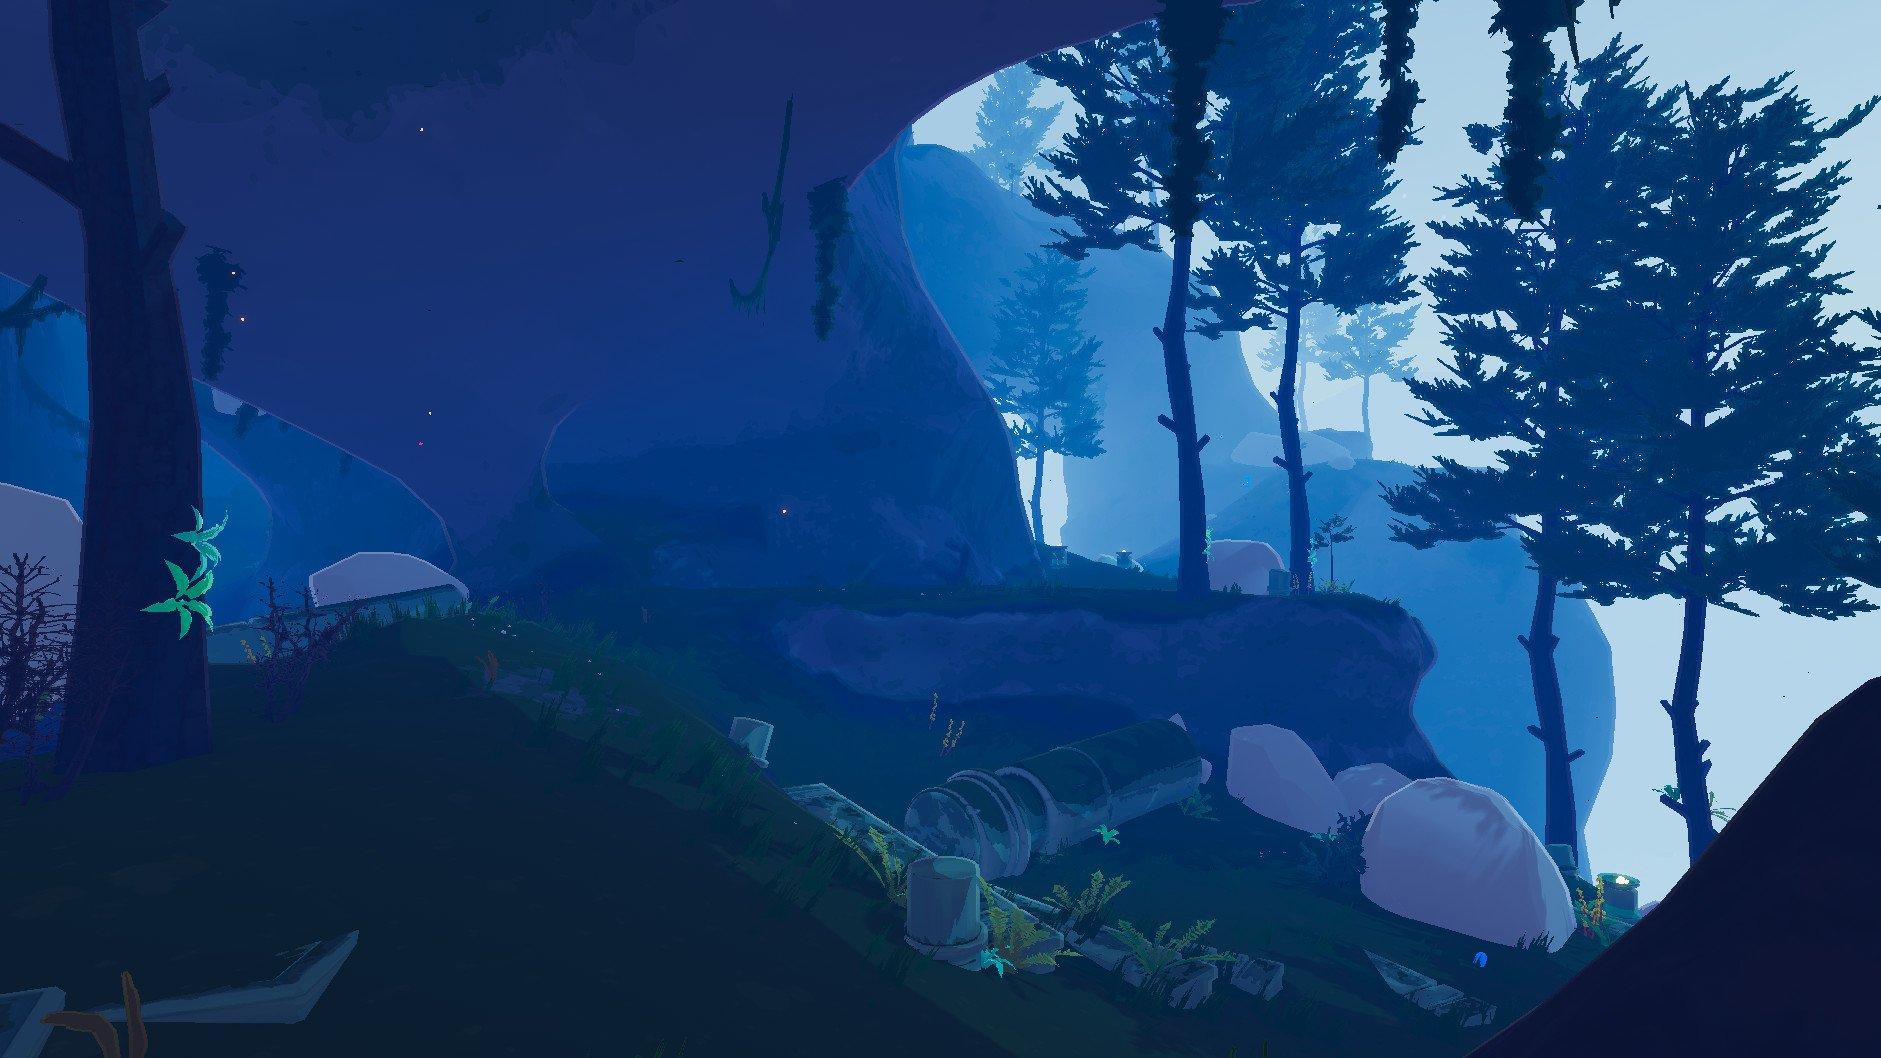 La feuille de route Risk of Rain 2 révèle quatre nouveaux personnages, de nouveaux patrons